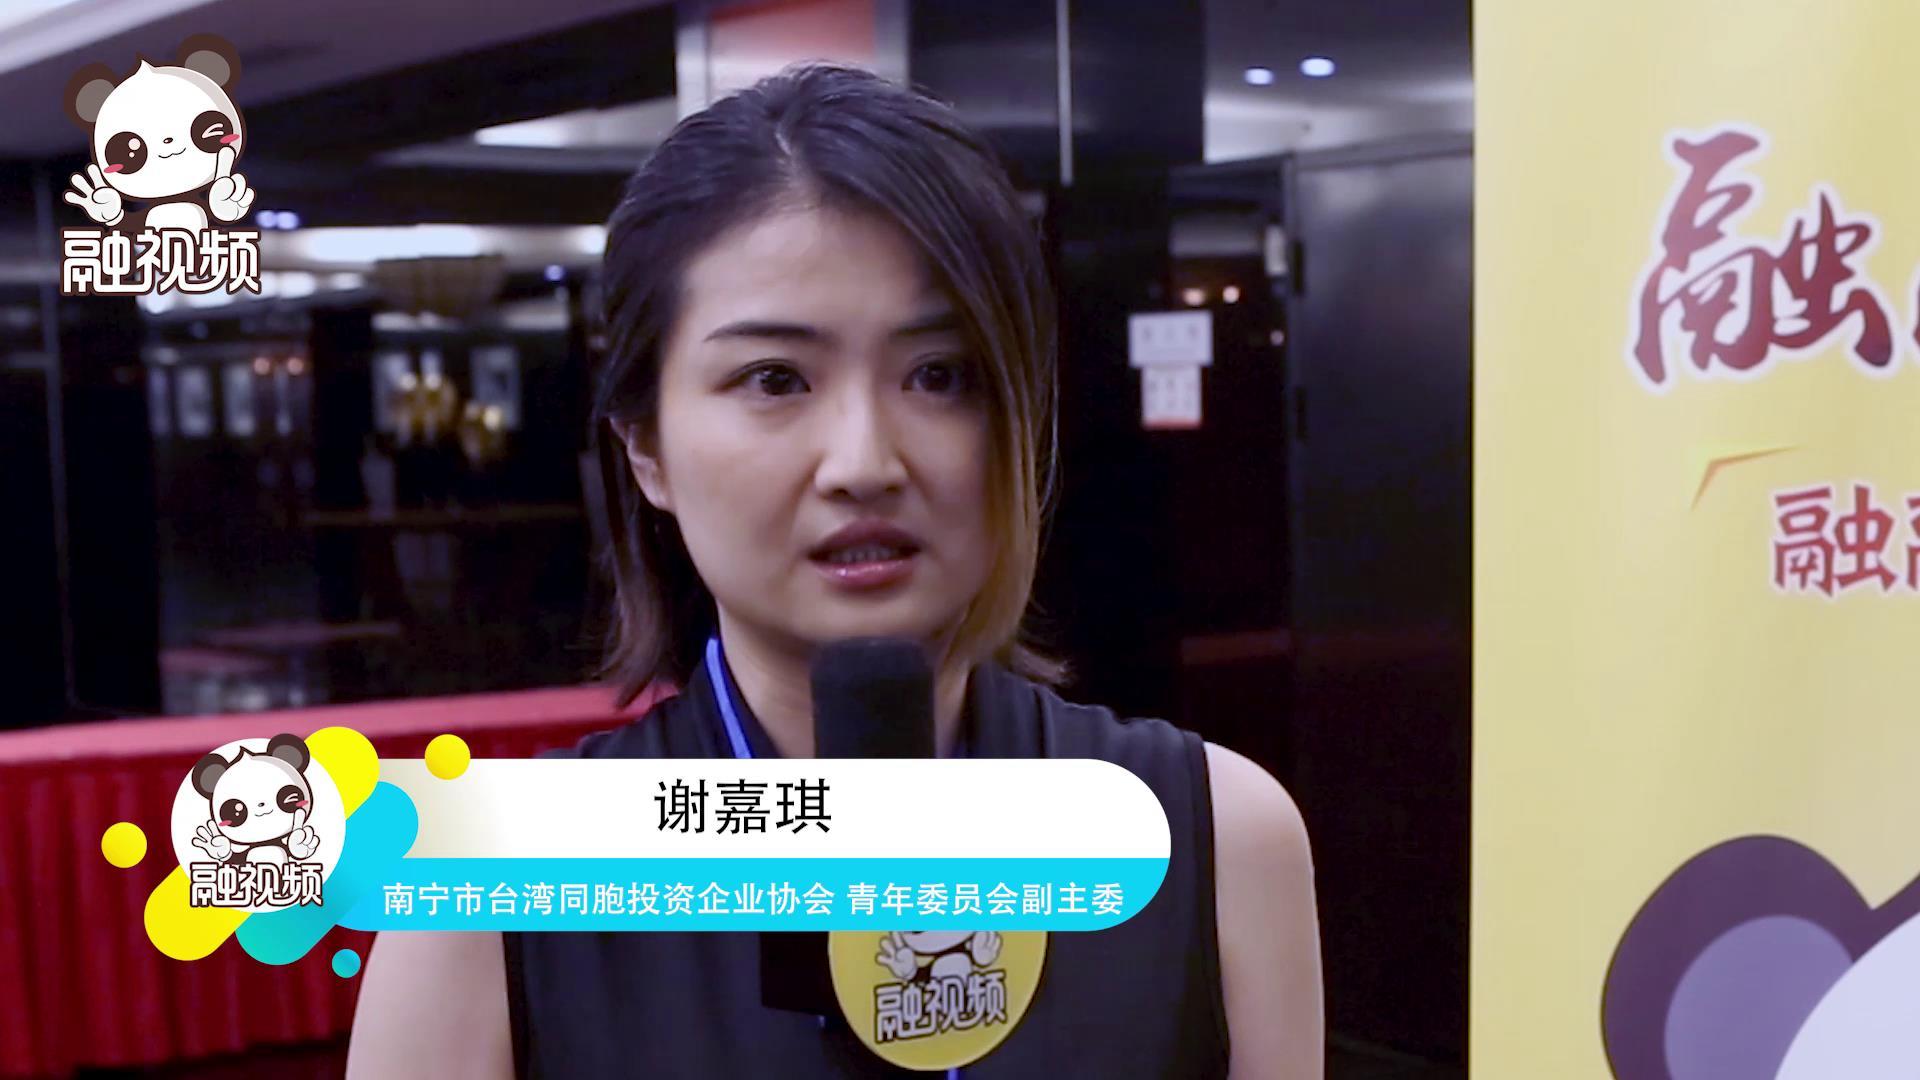 """""""來到大陸之后,我最大的心愿就是希望身在臺灣的弟弟也能夠一起來大陸發展創業。……"""